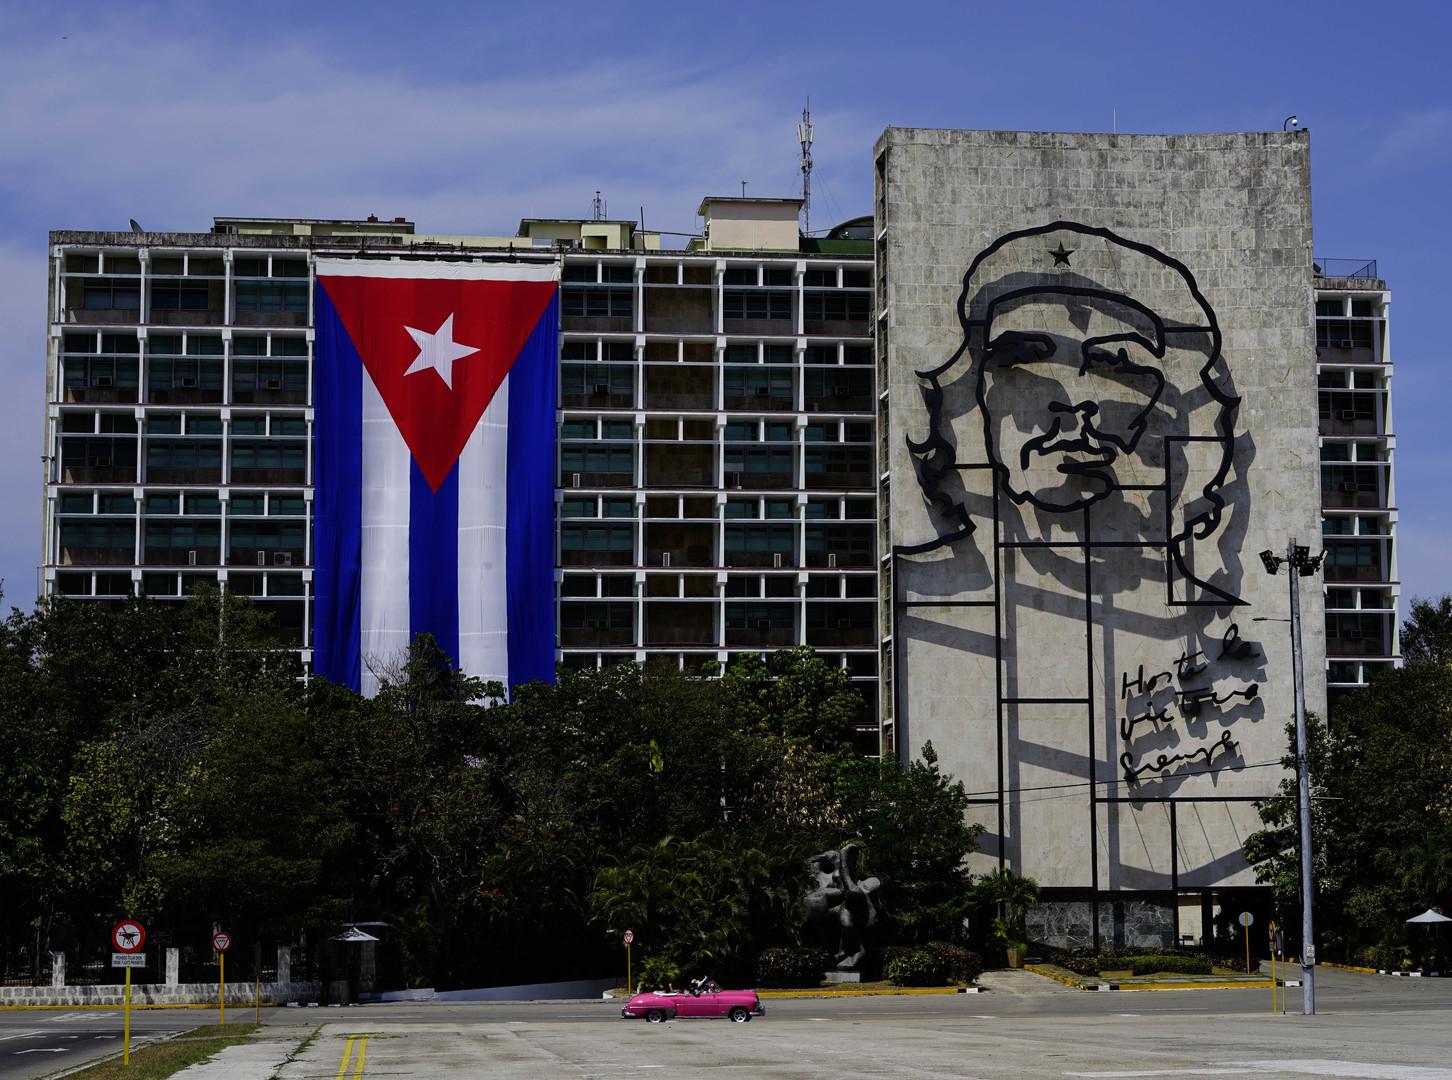 تعبئة عامة في كوبا استعداد للحرب